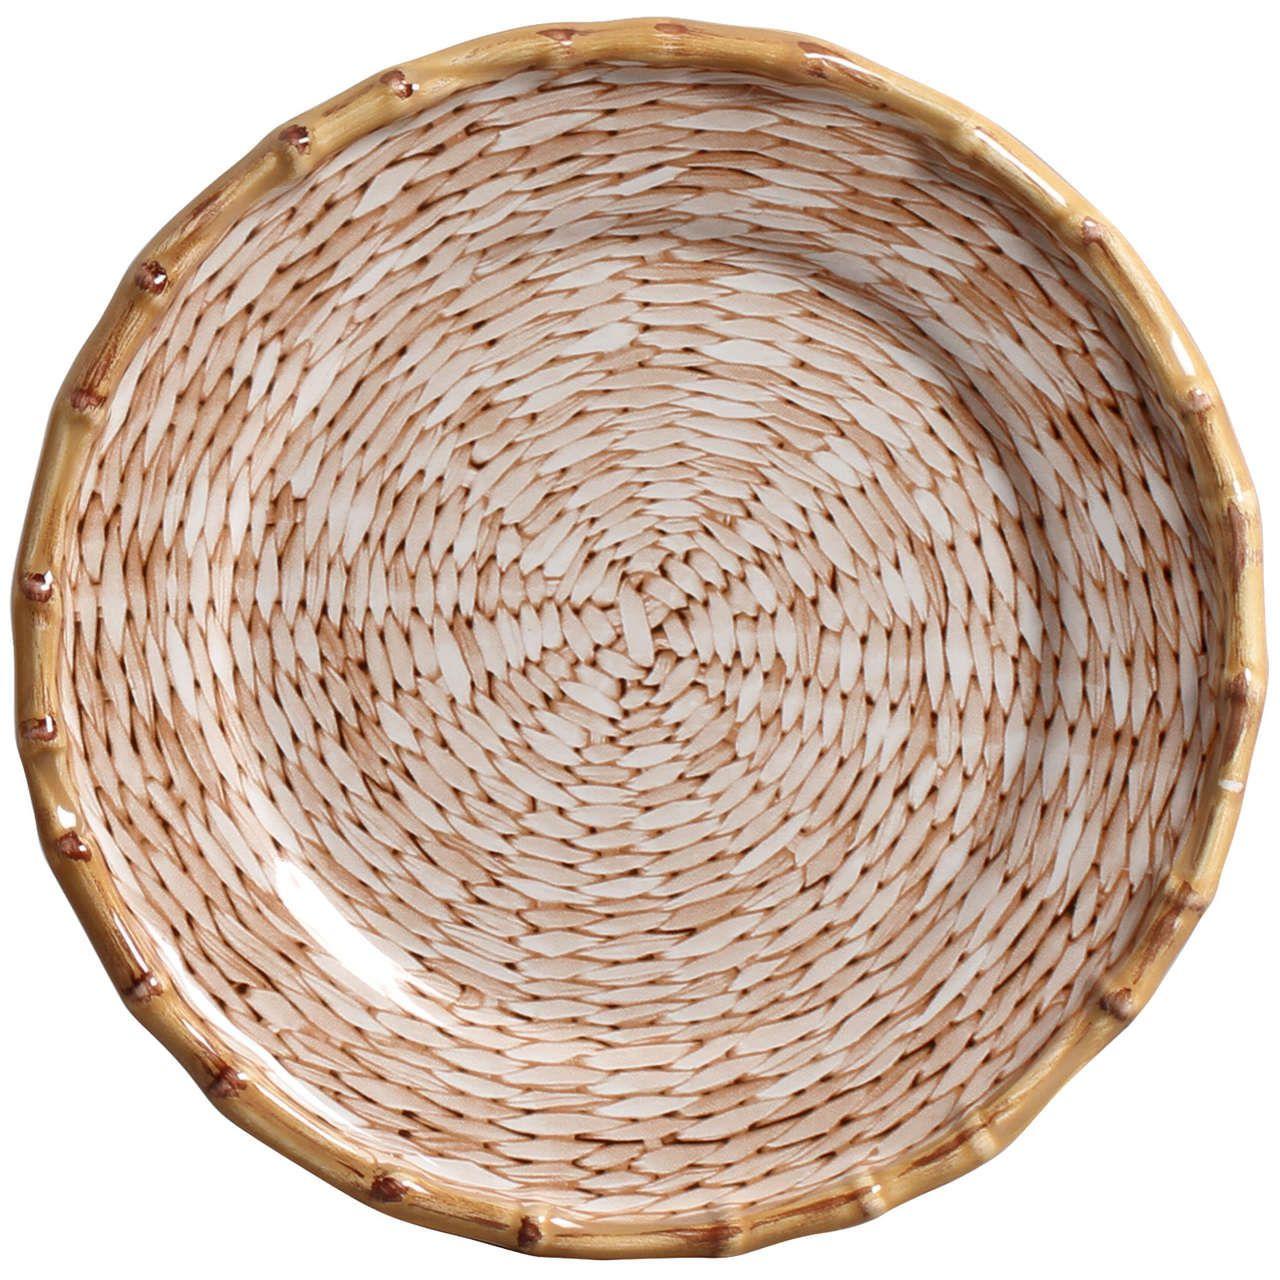 Prato Sobremesa Corda Fina Natural (06 Unidades) Cód.: 6423 - MB